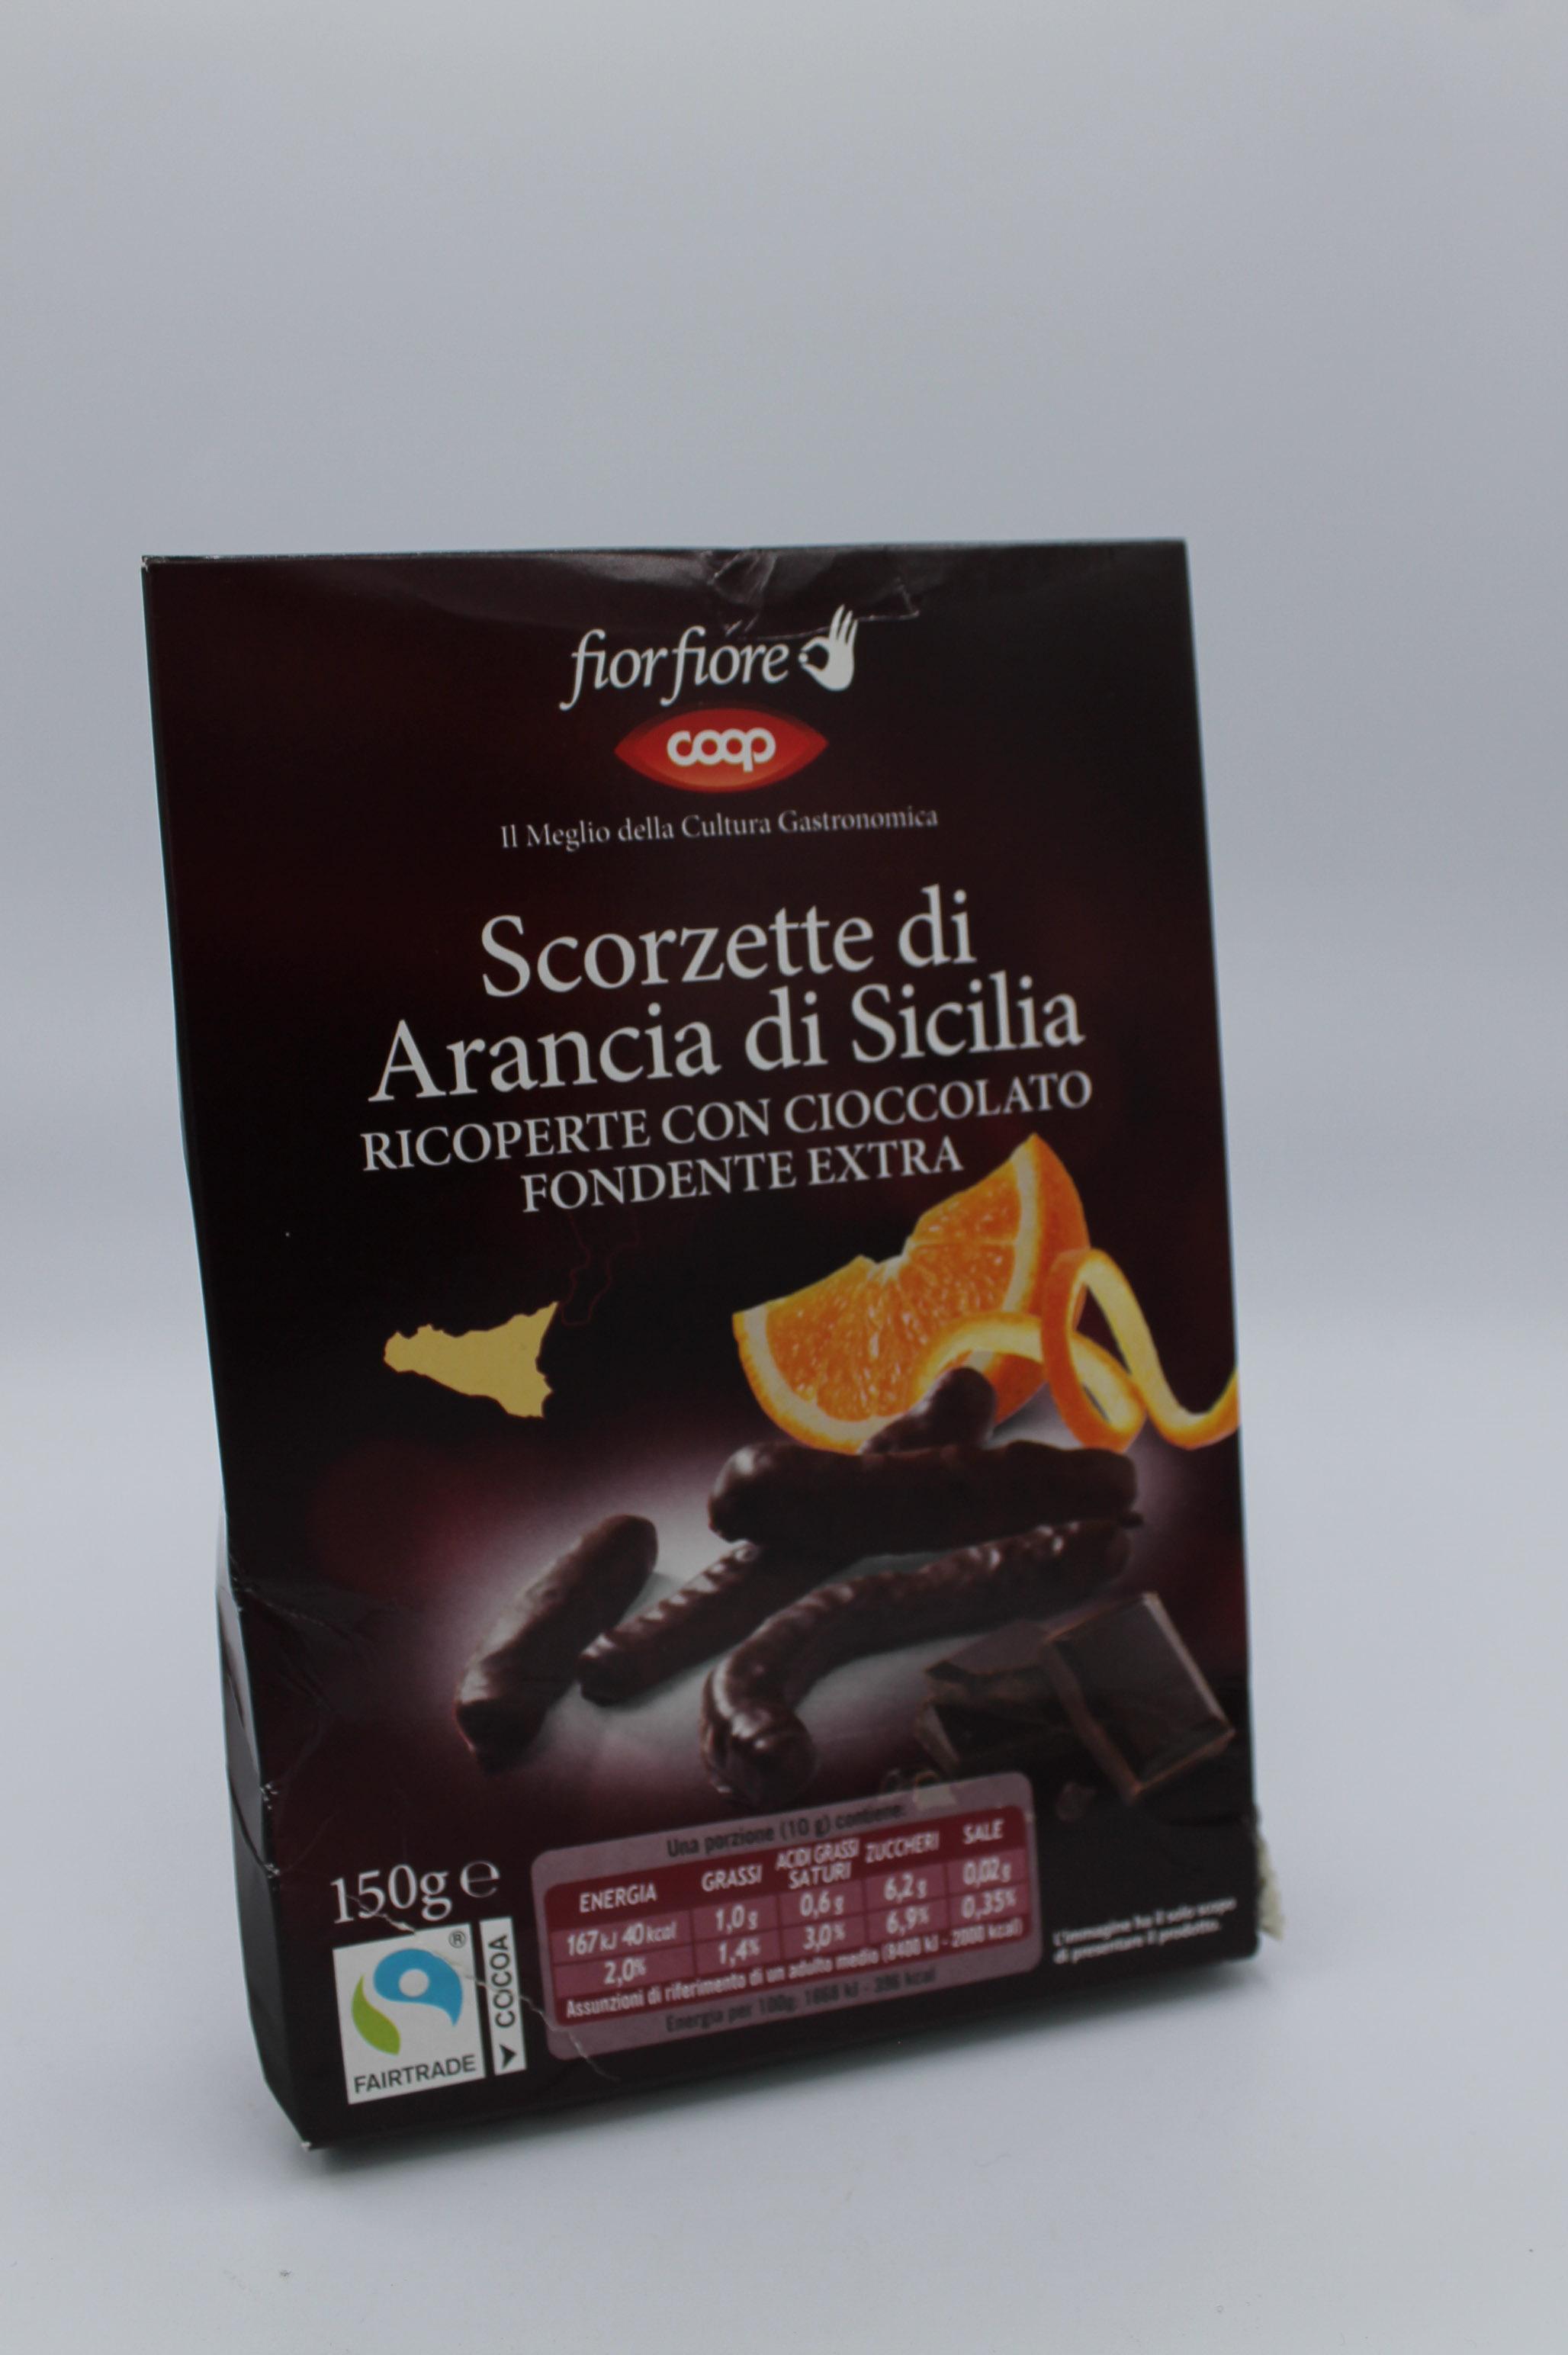 Fior fiore coop scorzette candite arancia con cioccolato fondente 150 gr.